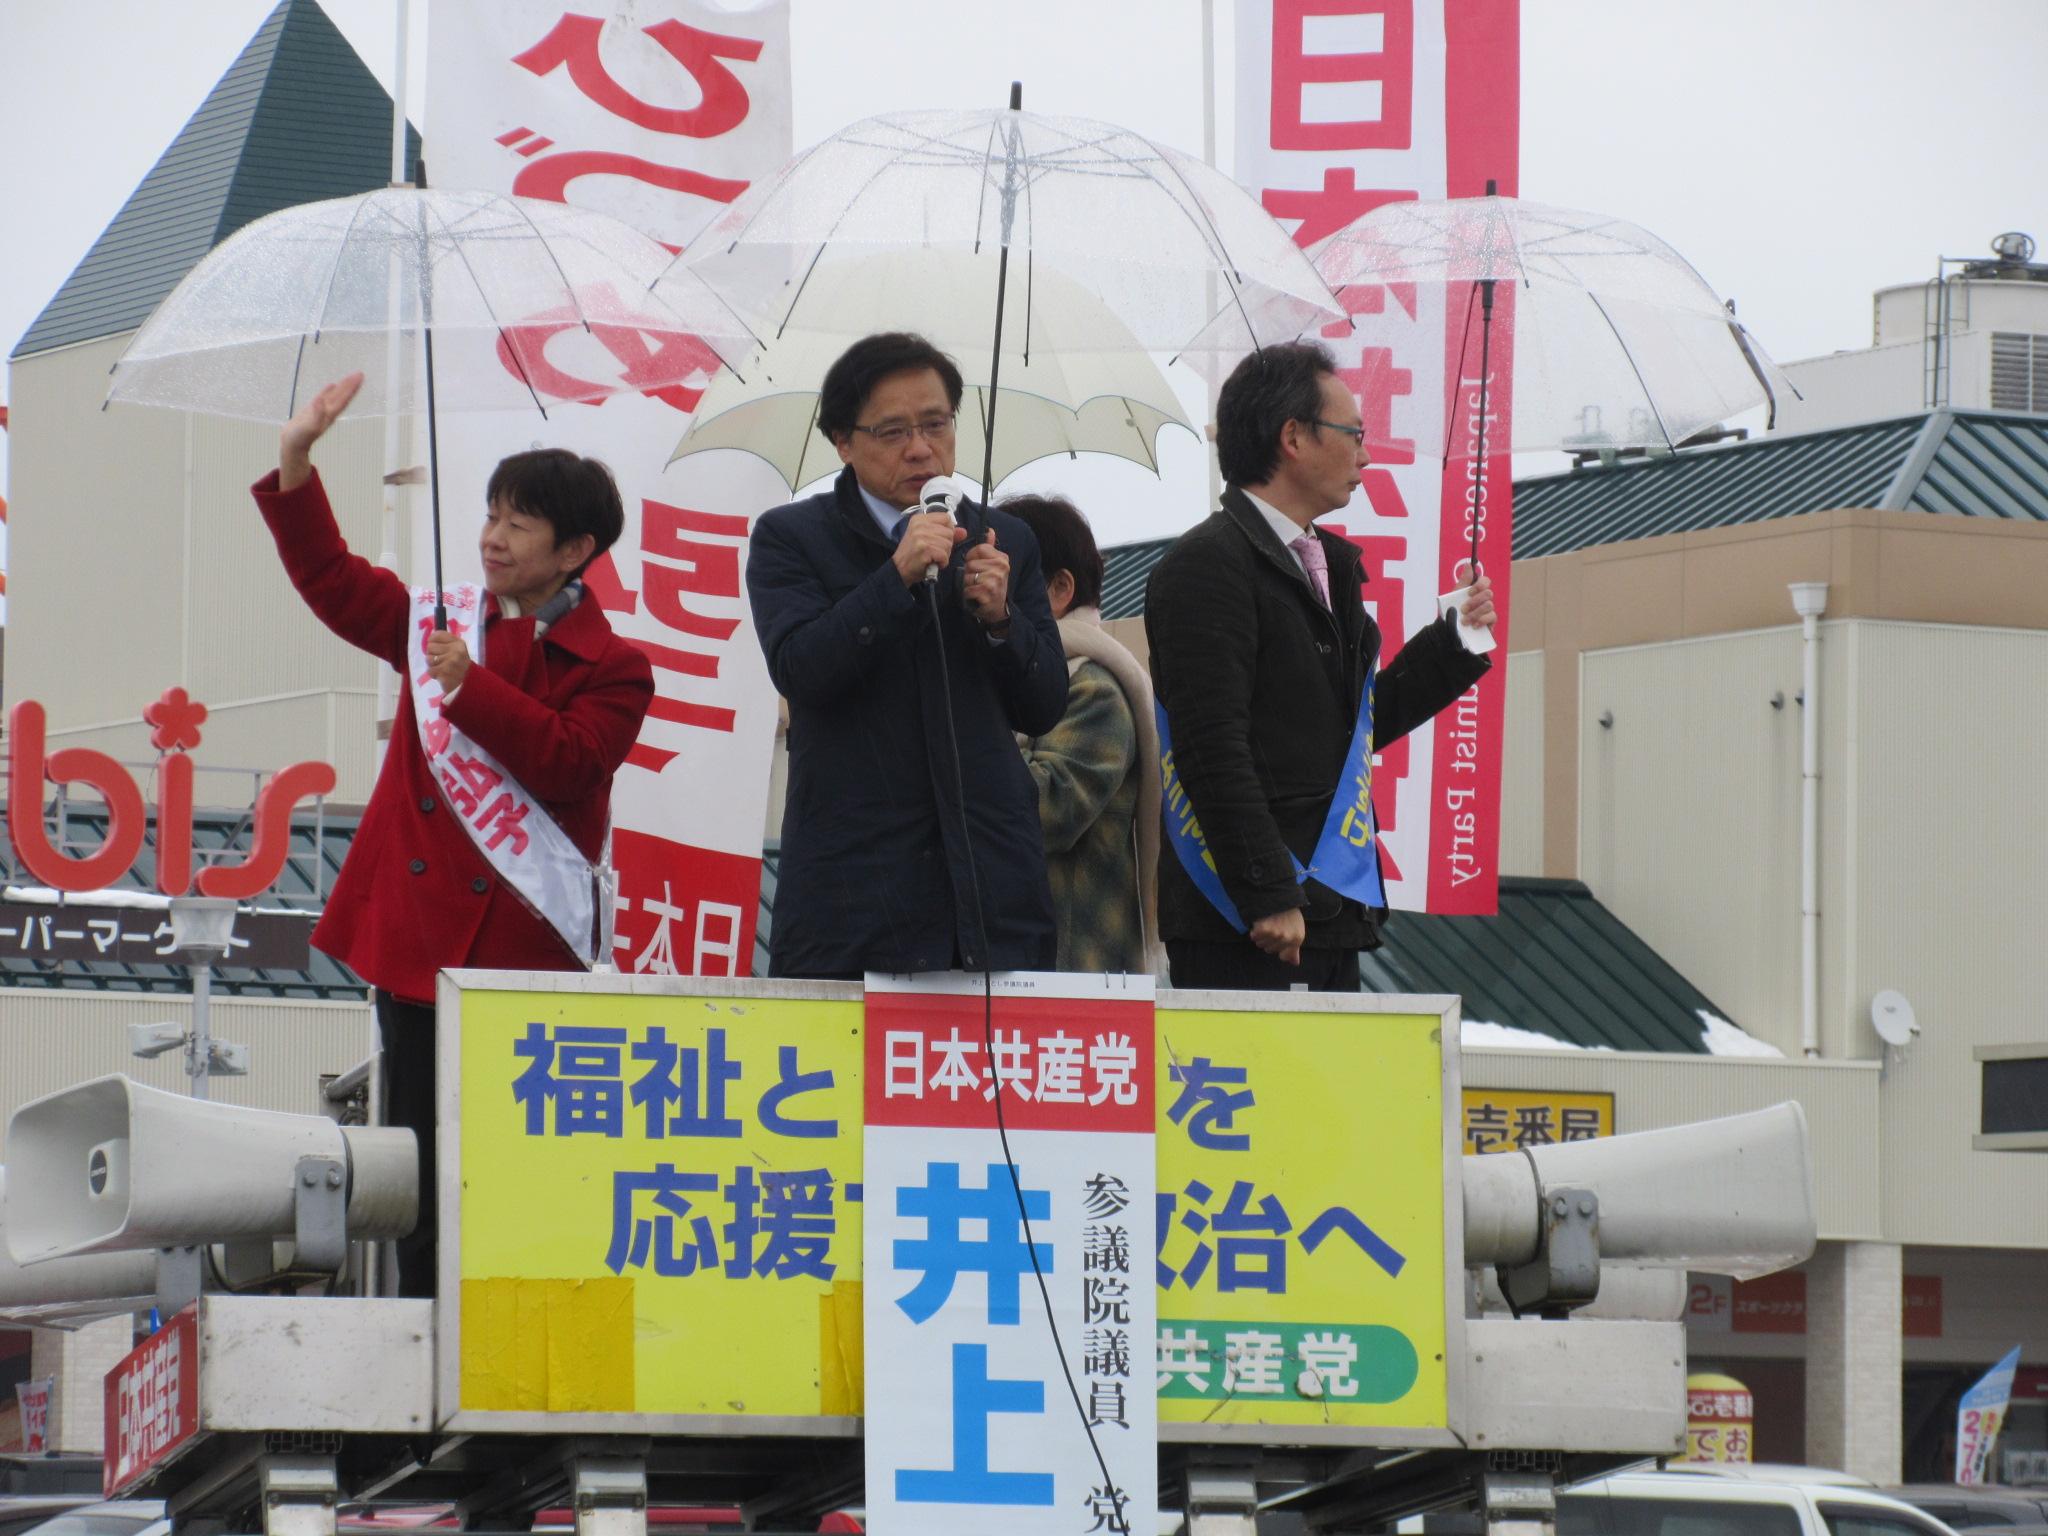 http://www.inoue-satoshi.com/diary/IMG_3529.JPG